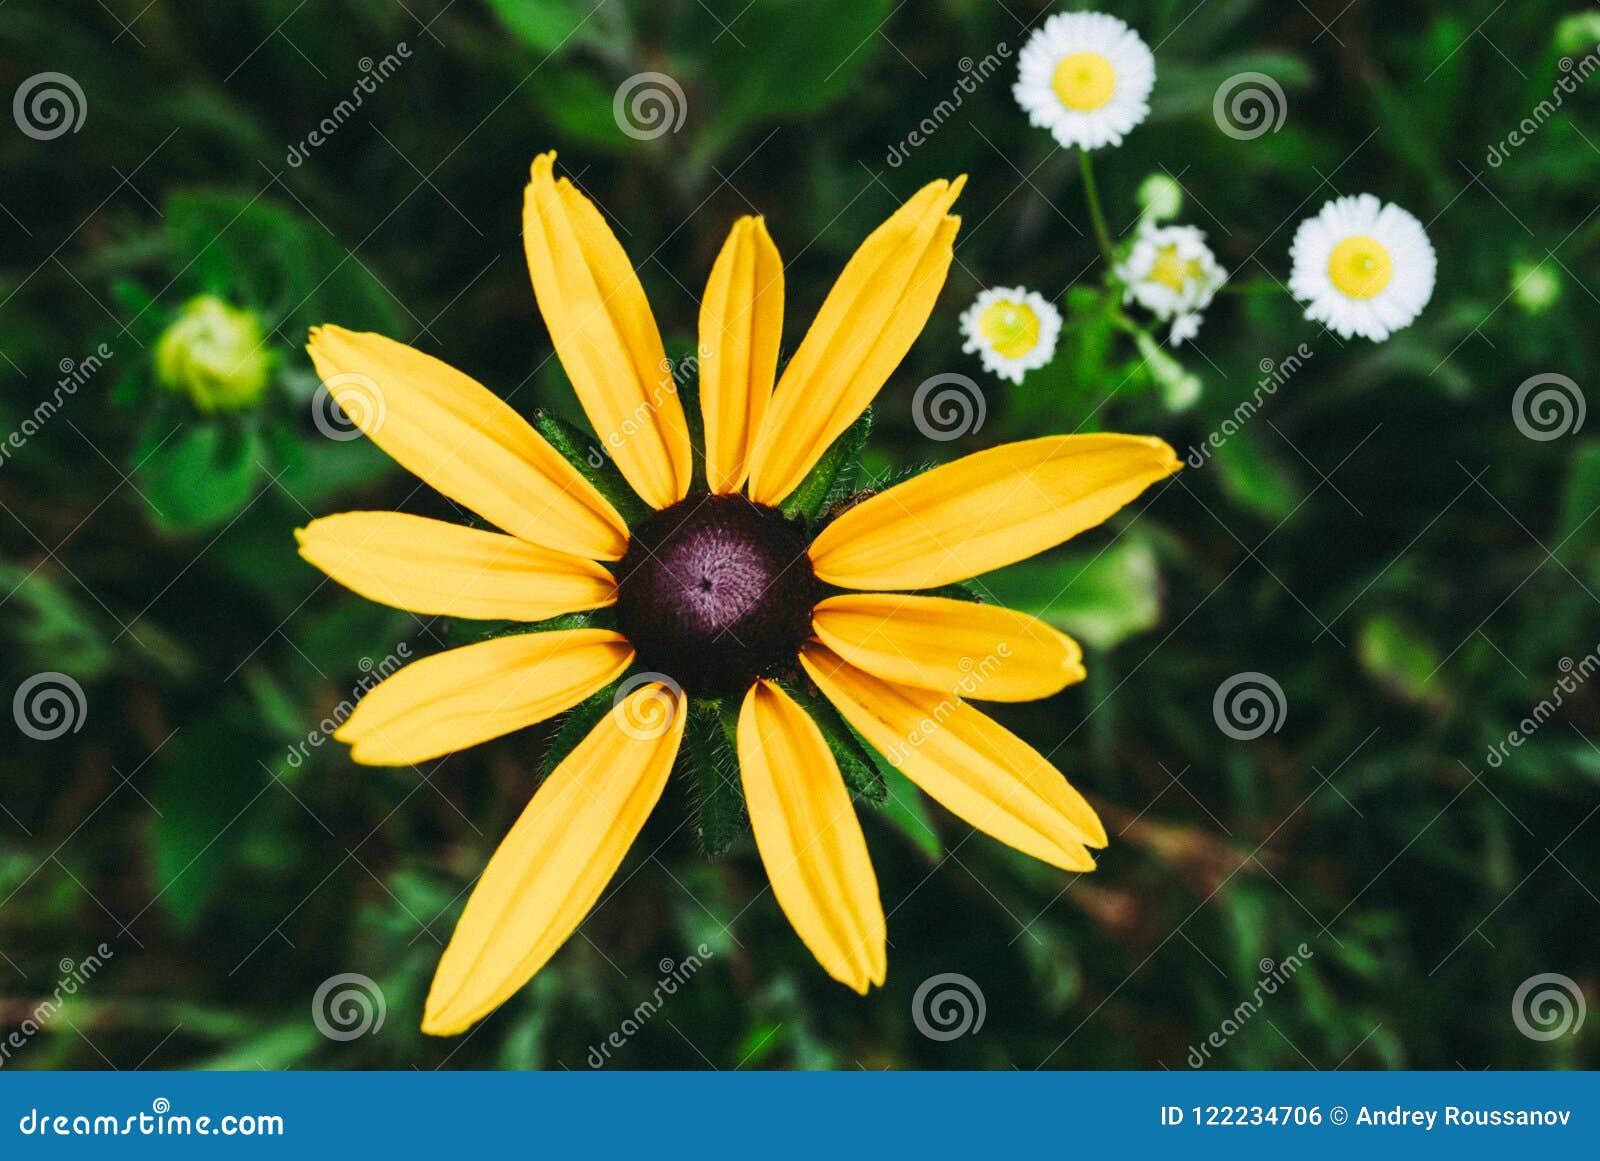 Rudbeckia Hirta, también conocido como Susan negro-observada o de ojos marrones, b